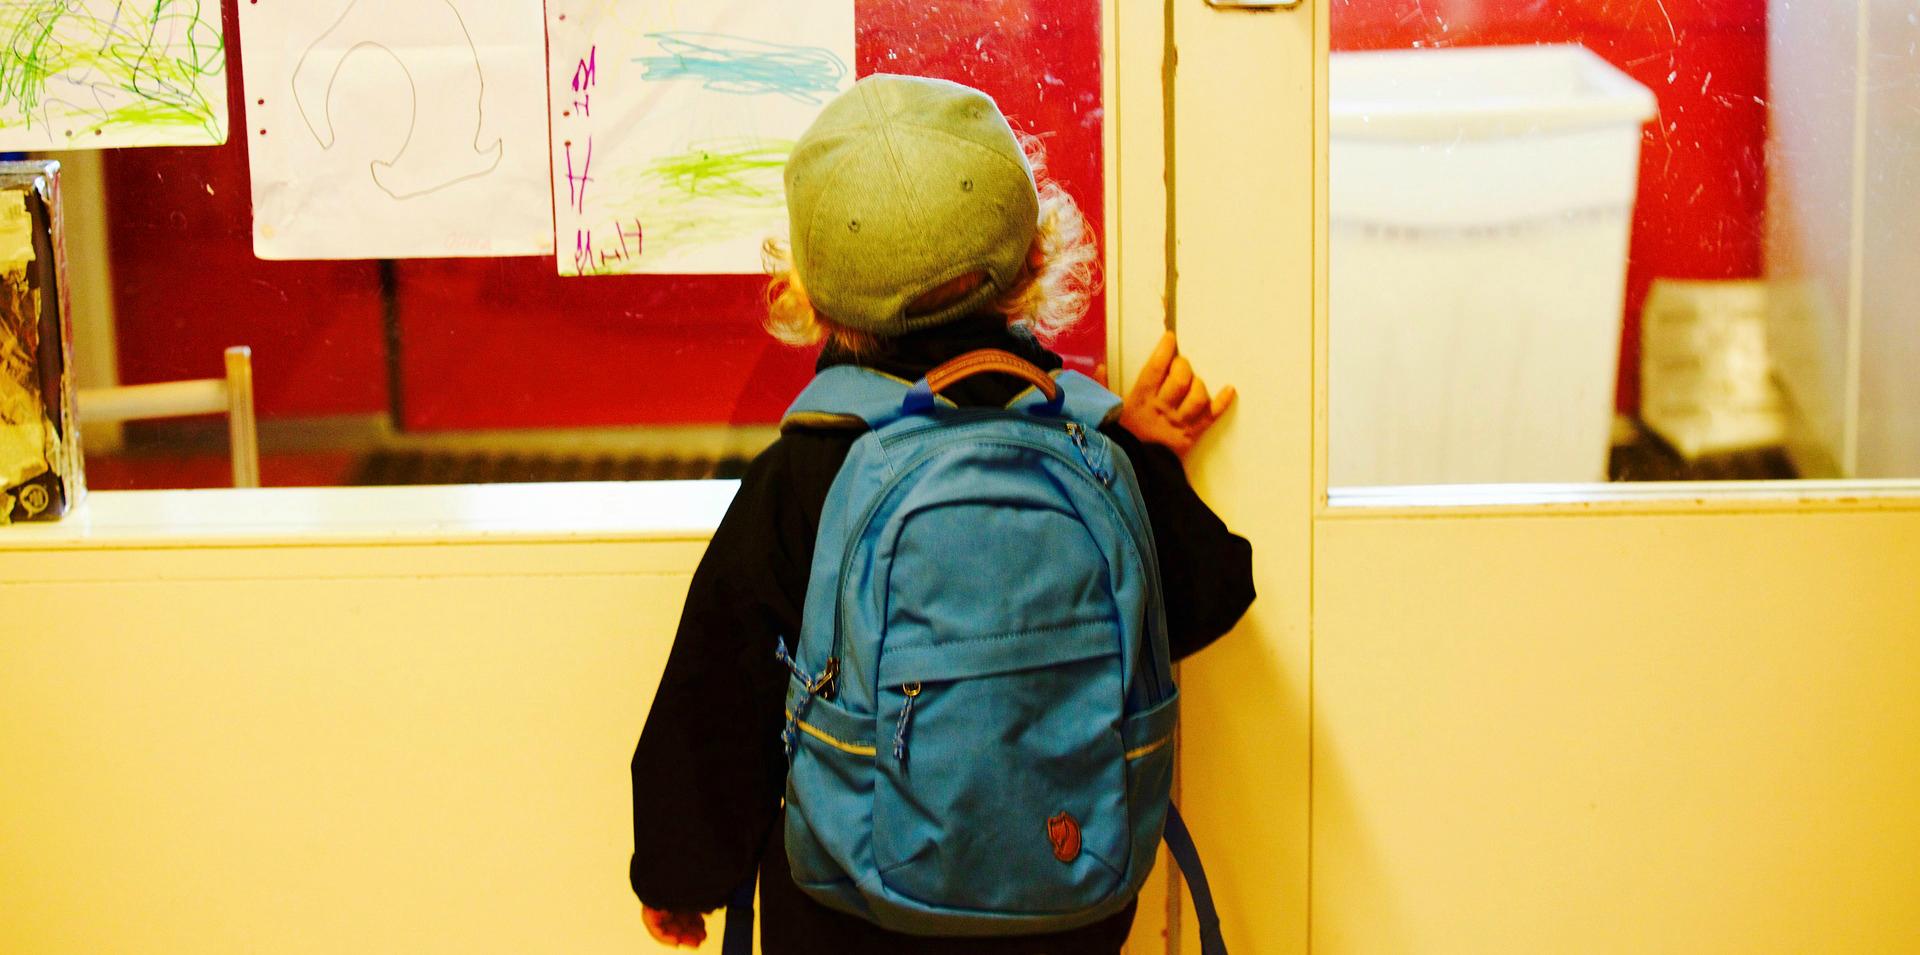 min søn vil ikke i skole